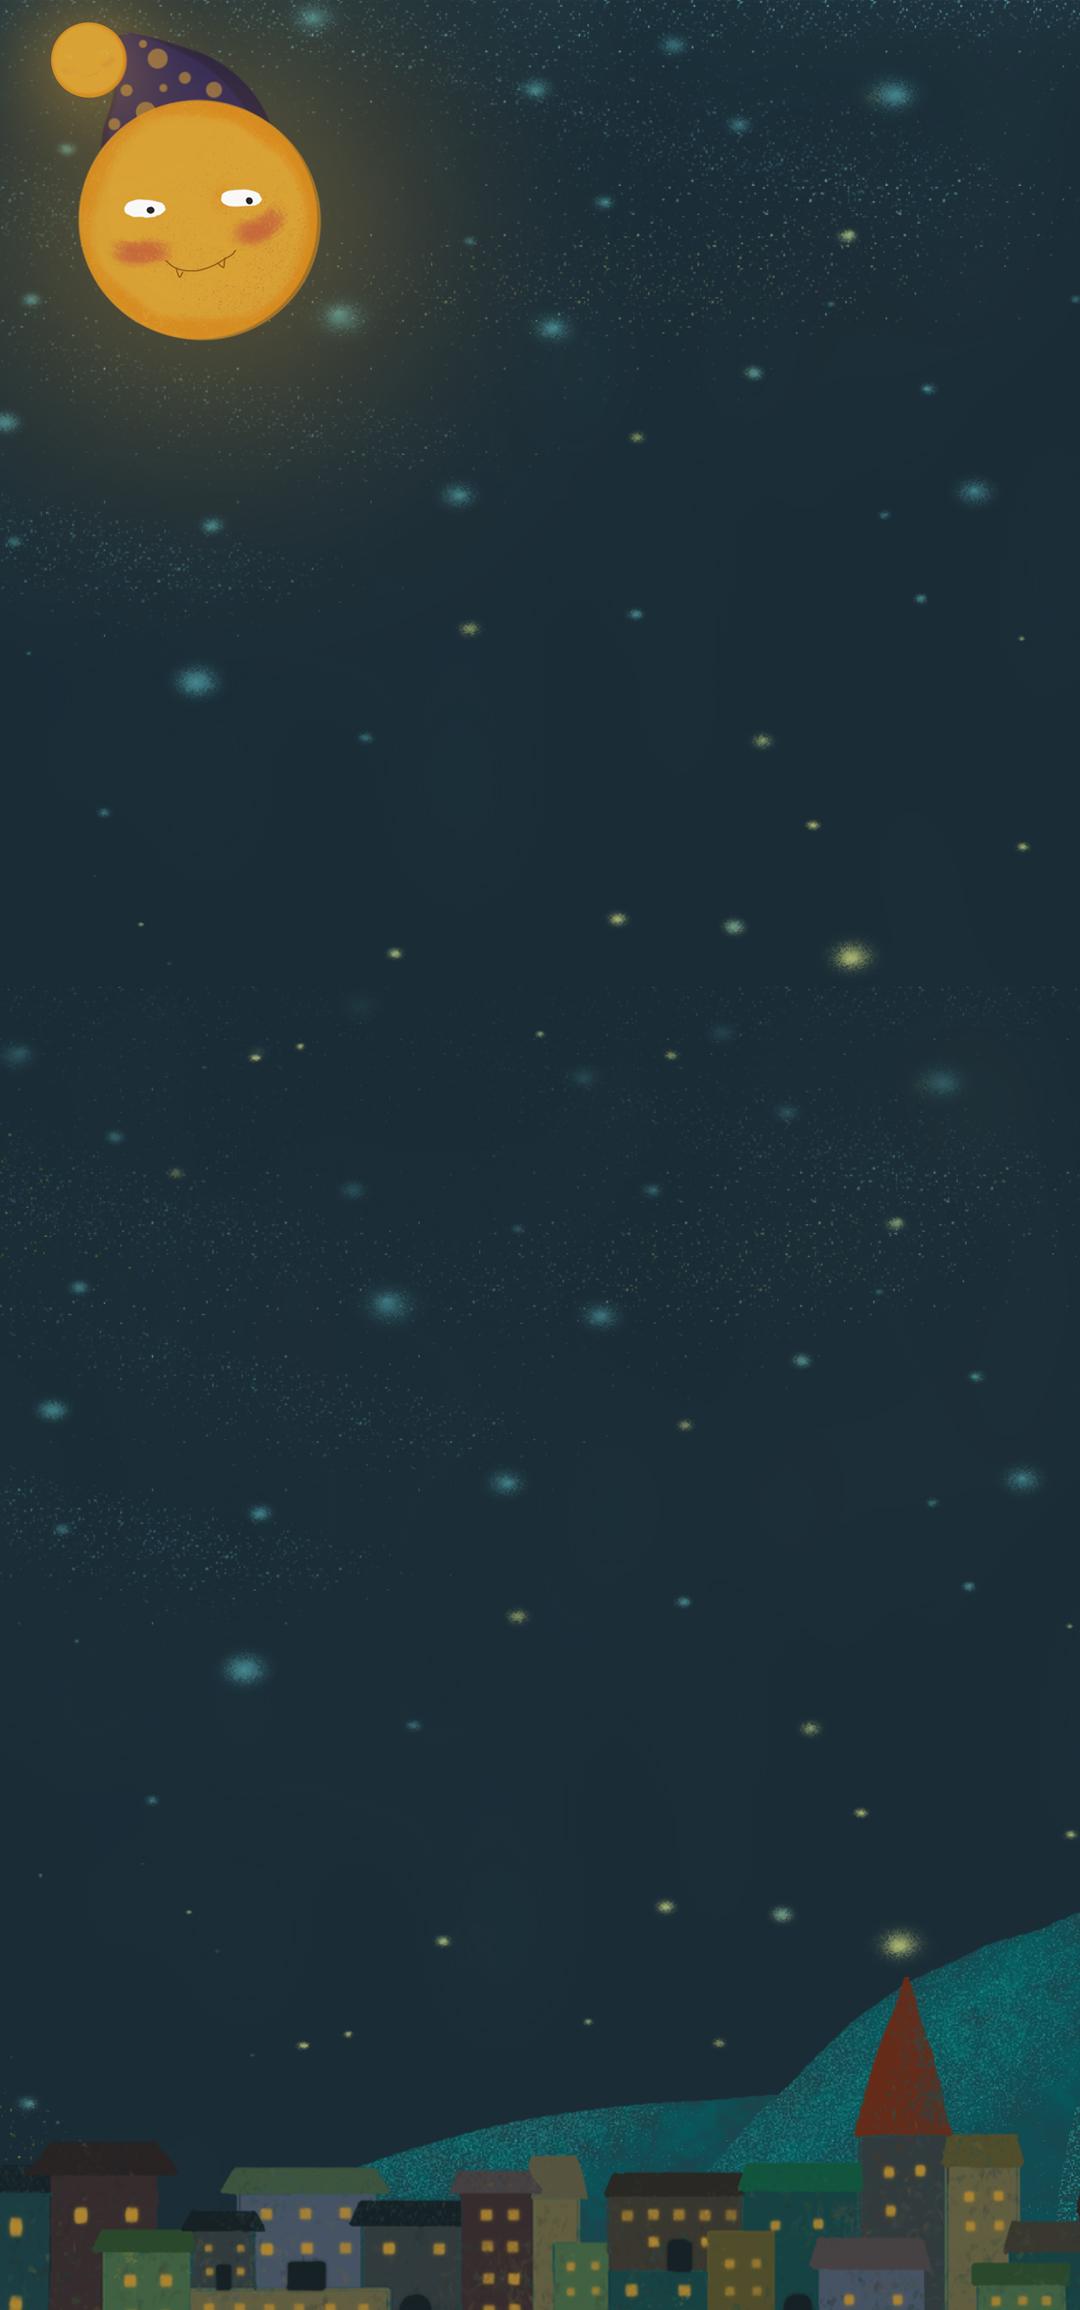 有月亮的晚上.jpg